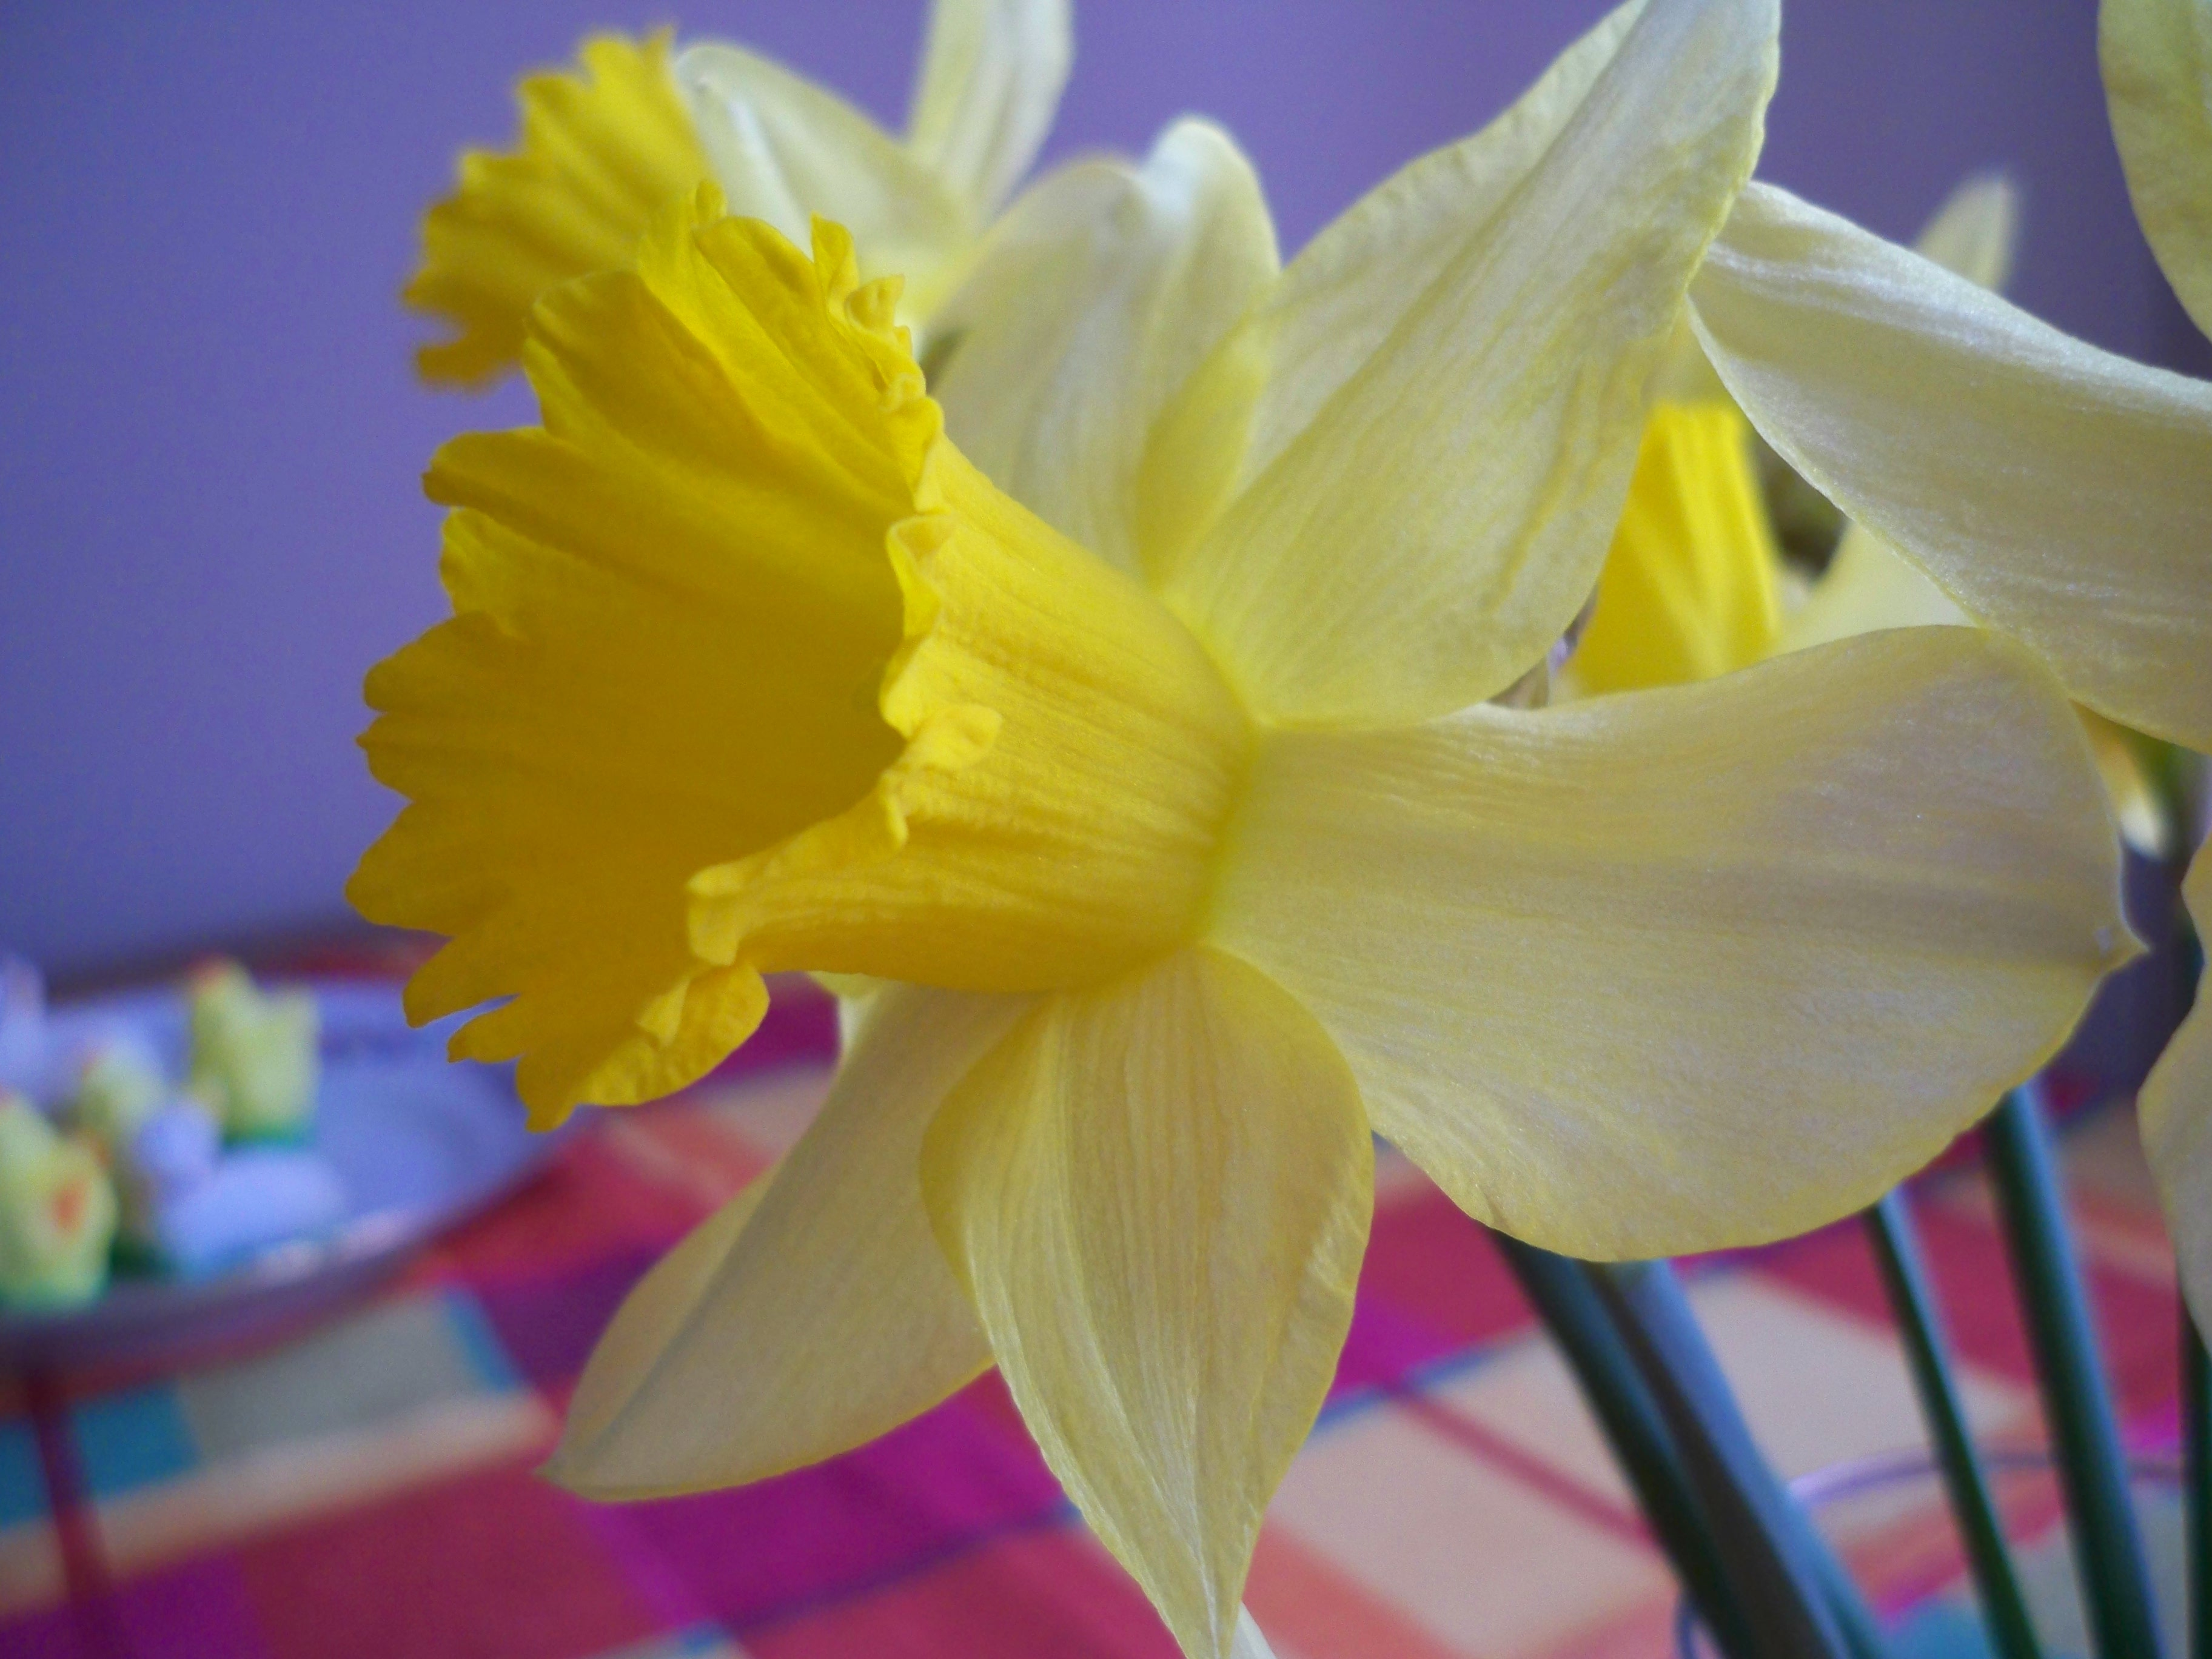 Jonquil Flower by korsarz on DeviantArt